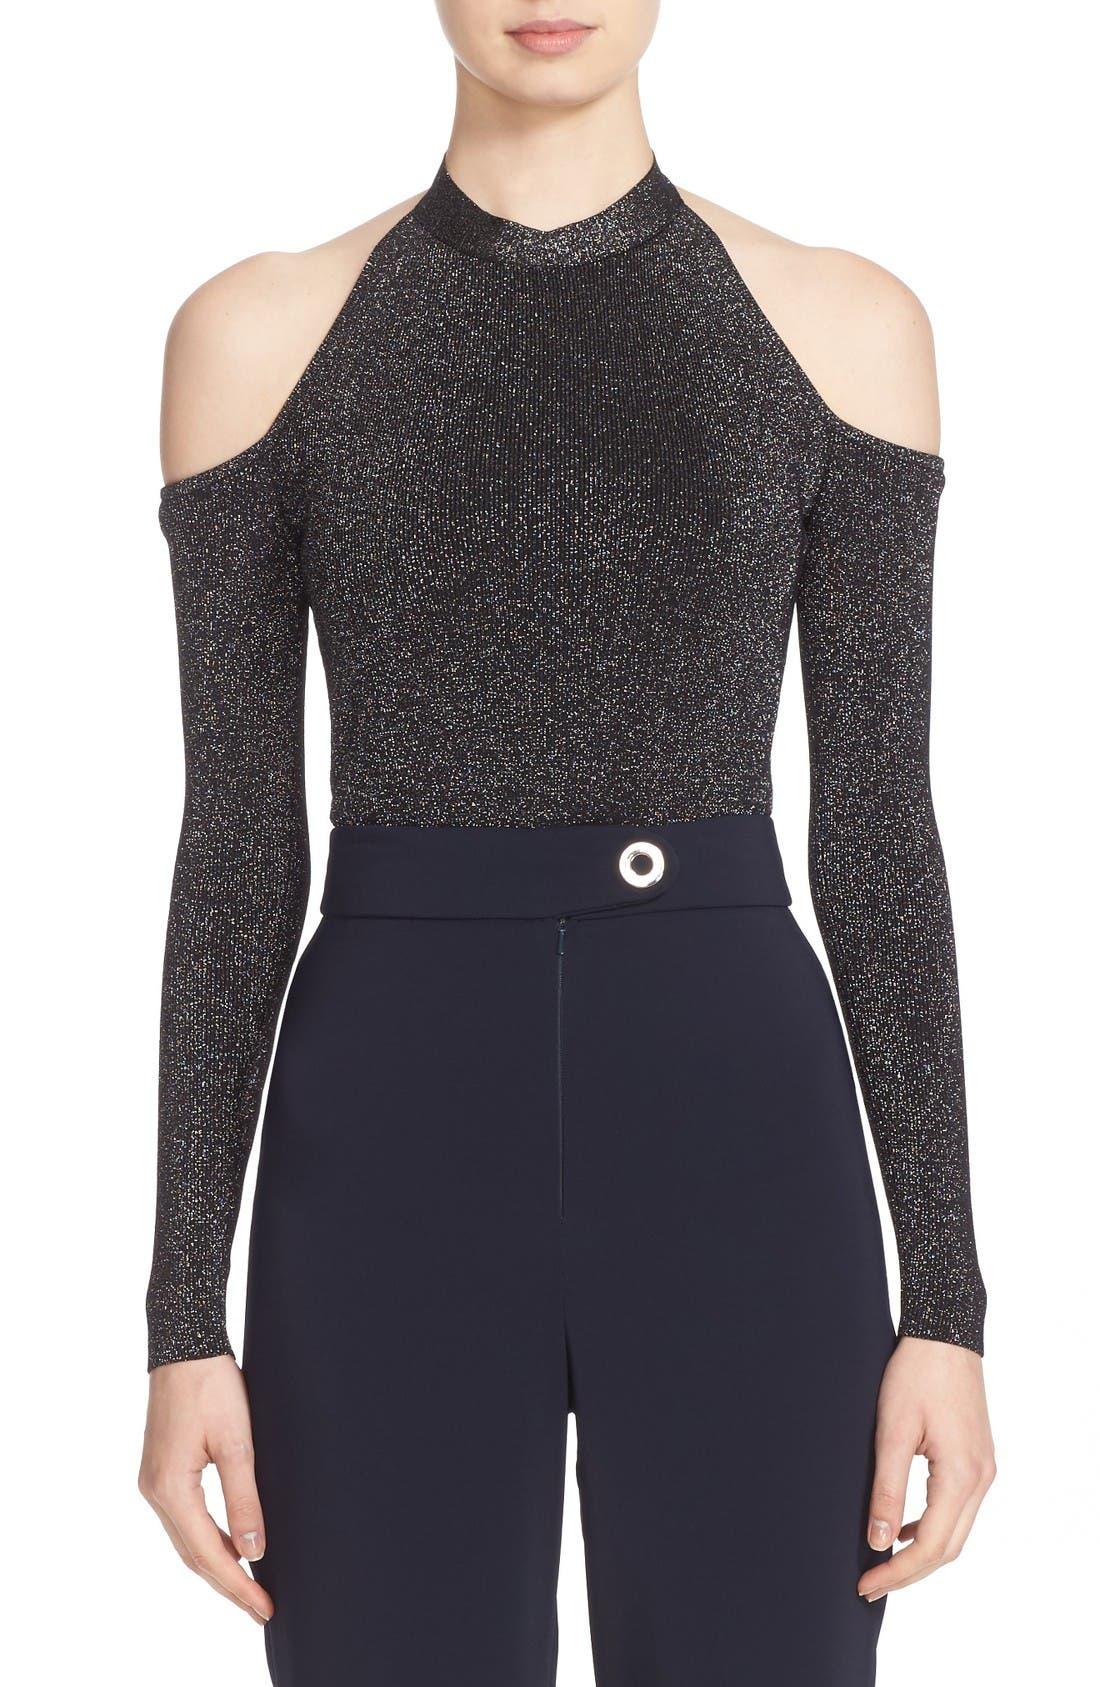 Alternate Image 1 Selected - Cushnie et Ochs Knit Cold Shoulder Bodysuit